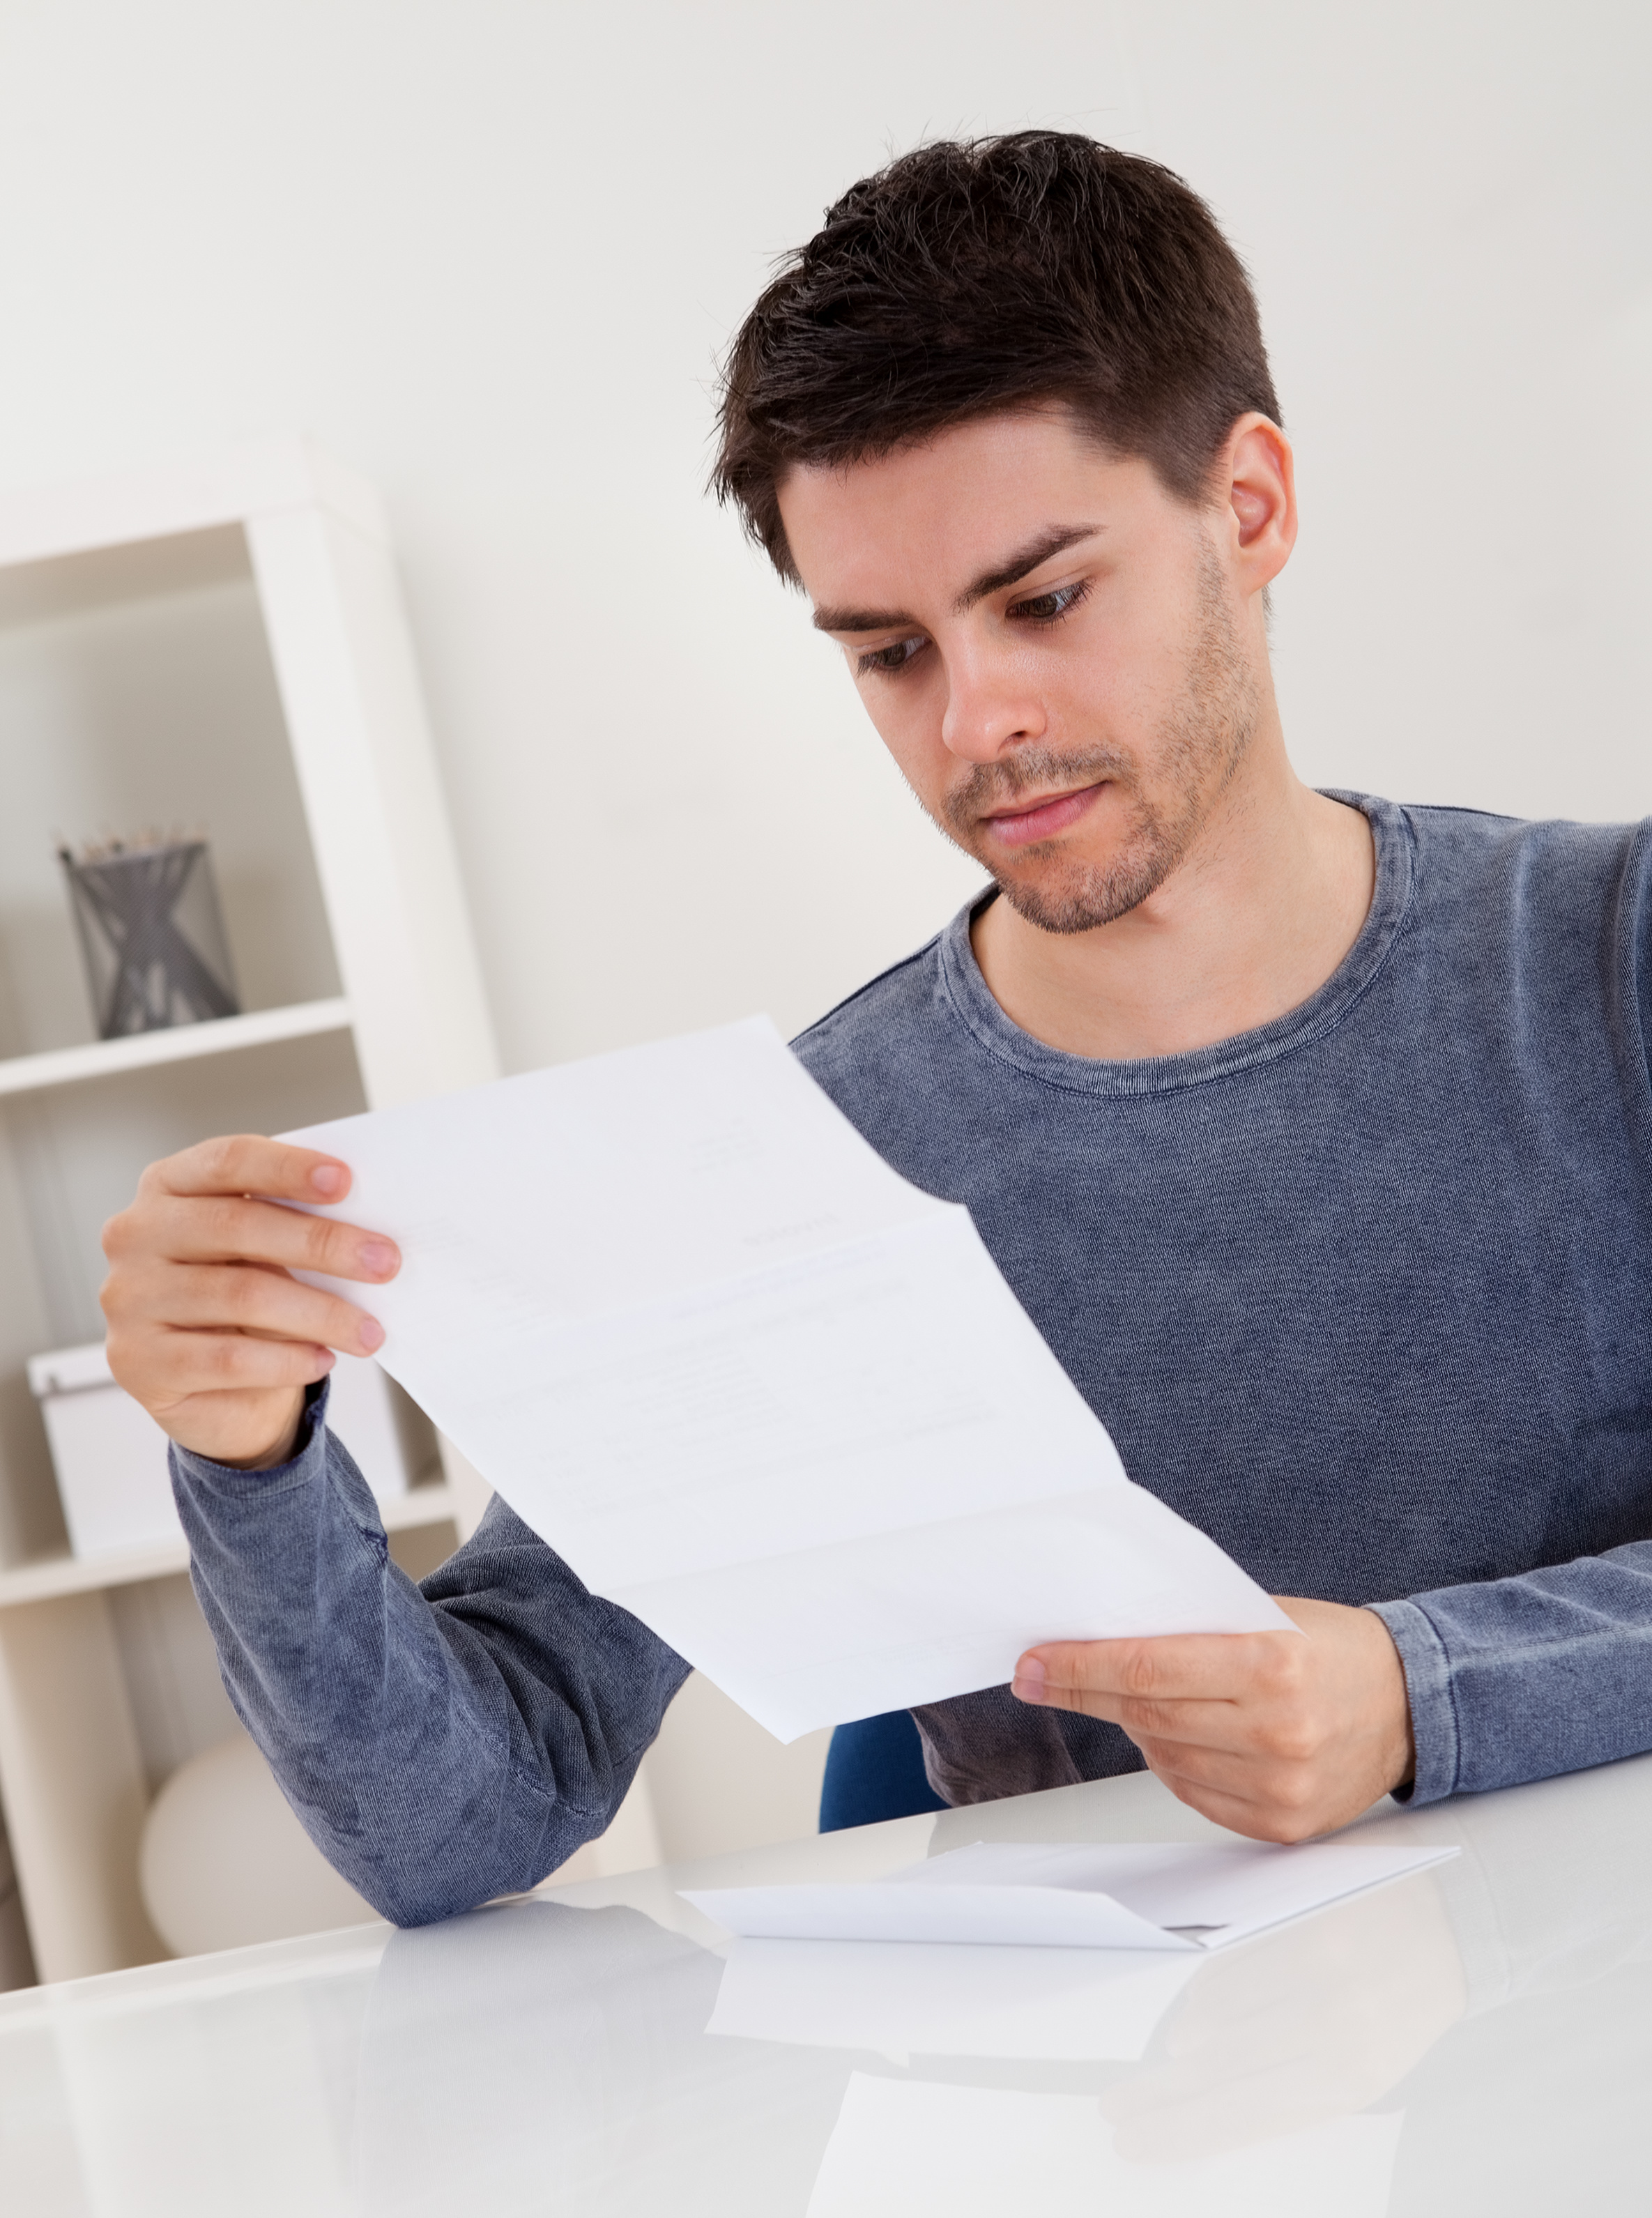 Die Unterhaltsklage - Wenn Unterhalt überhaupt nicht, unregelmäßig oder zu wenig gezahlt wird.